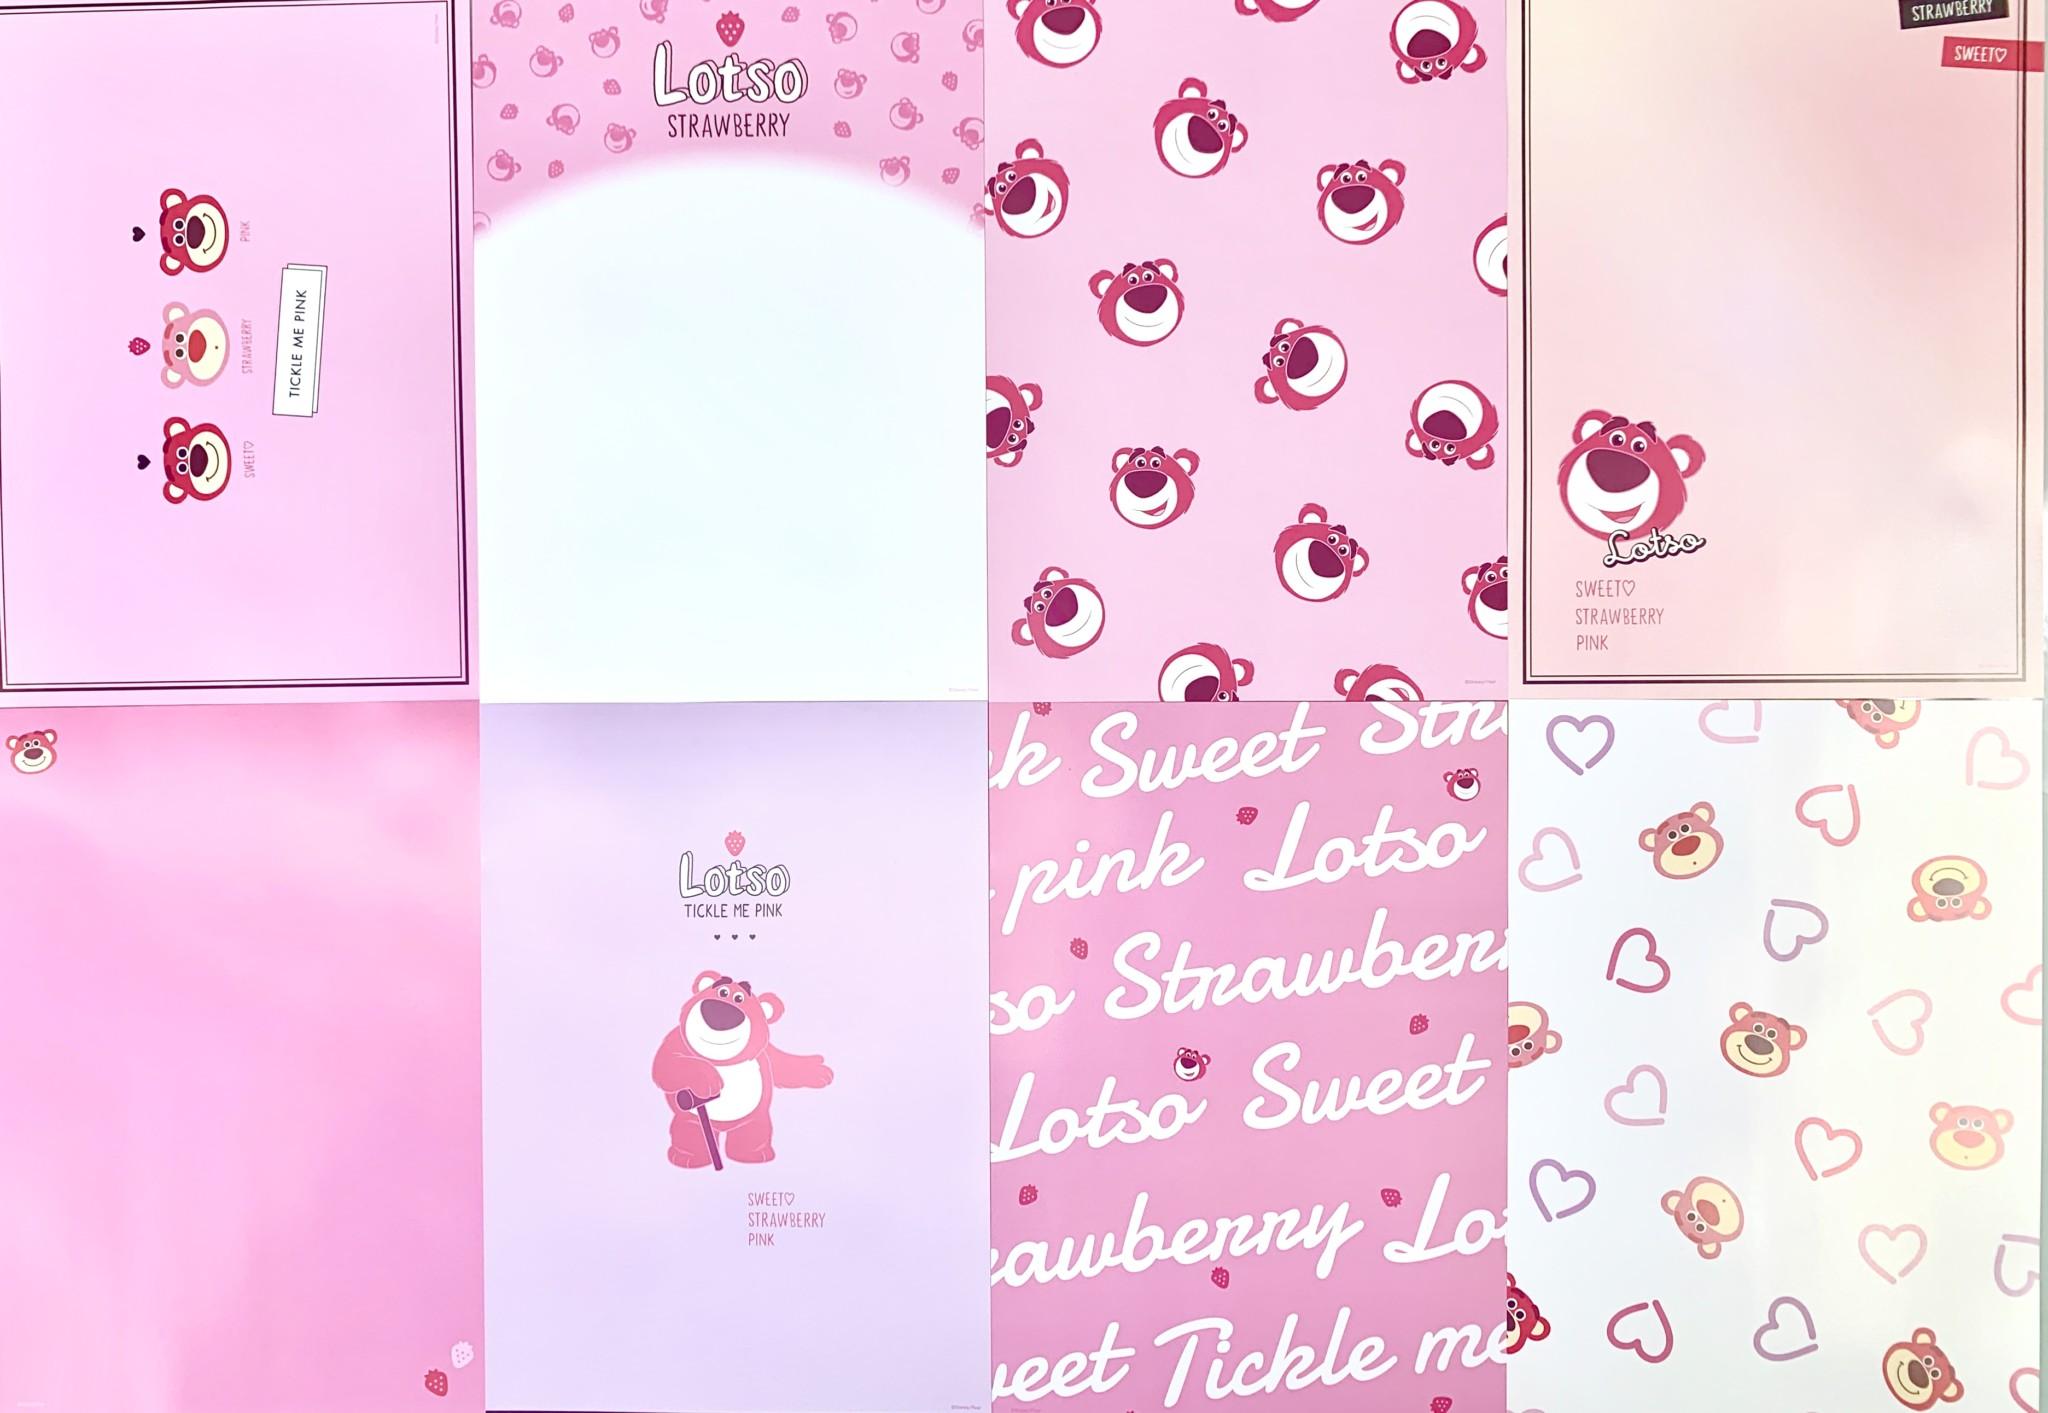 ディズニーストア「ロッツォ」Pink Stationery グッズが可愛すぎる6